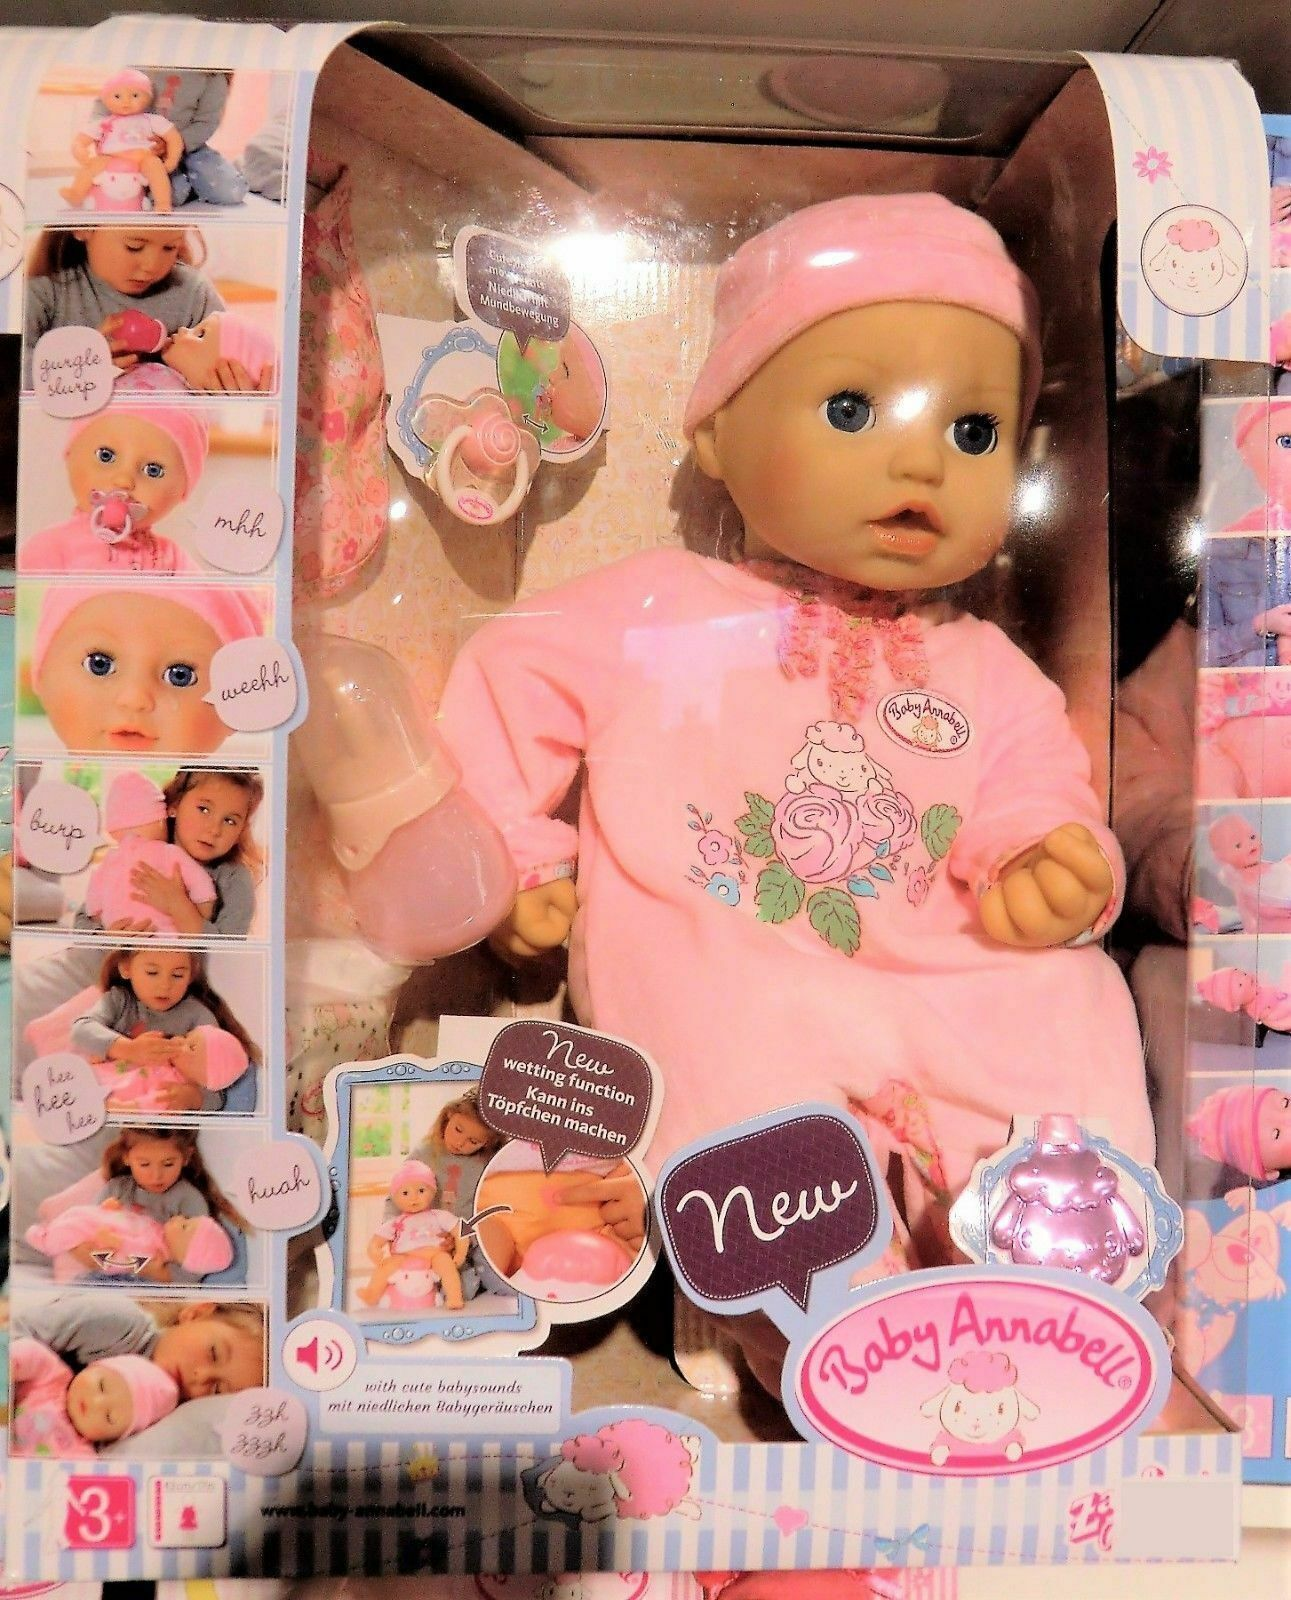 Zapf Creation 794401 - Baby Annabell - mit lebensechten Funktionen - NEU und OVP